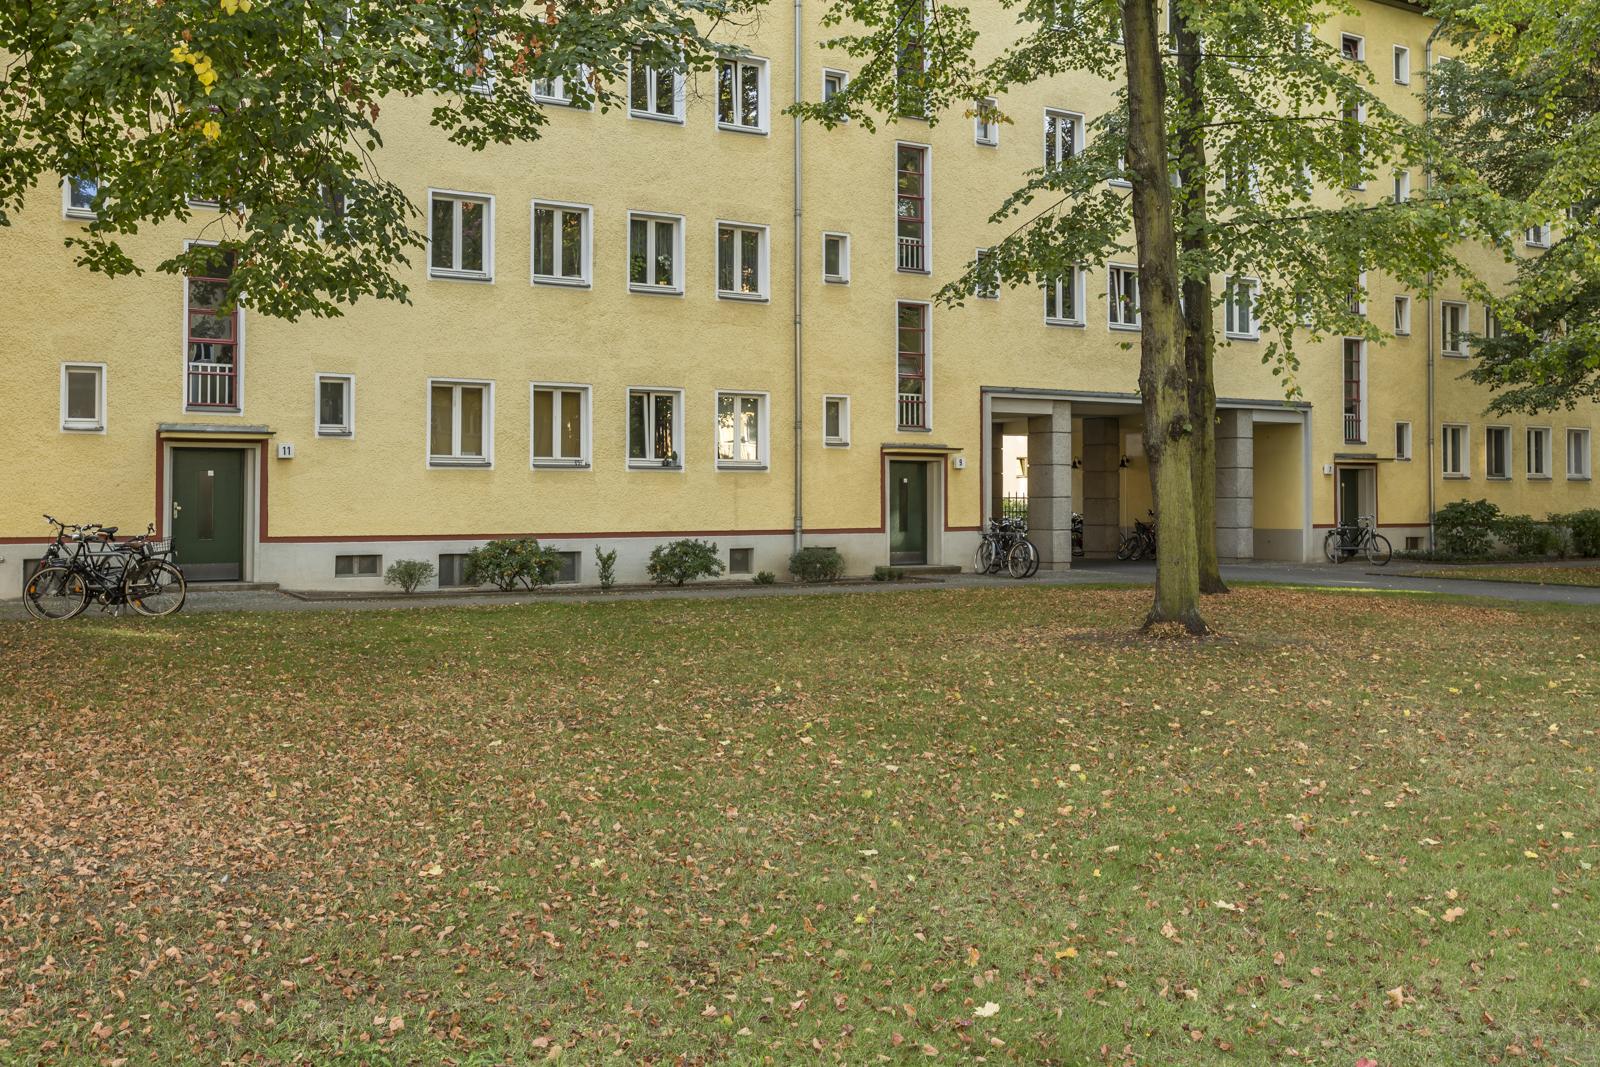 Ingo_Lawaczeck_Mähren_Lindenhoekweg_5-2